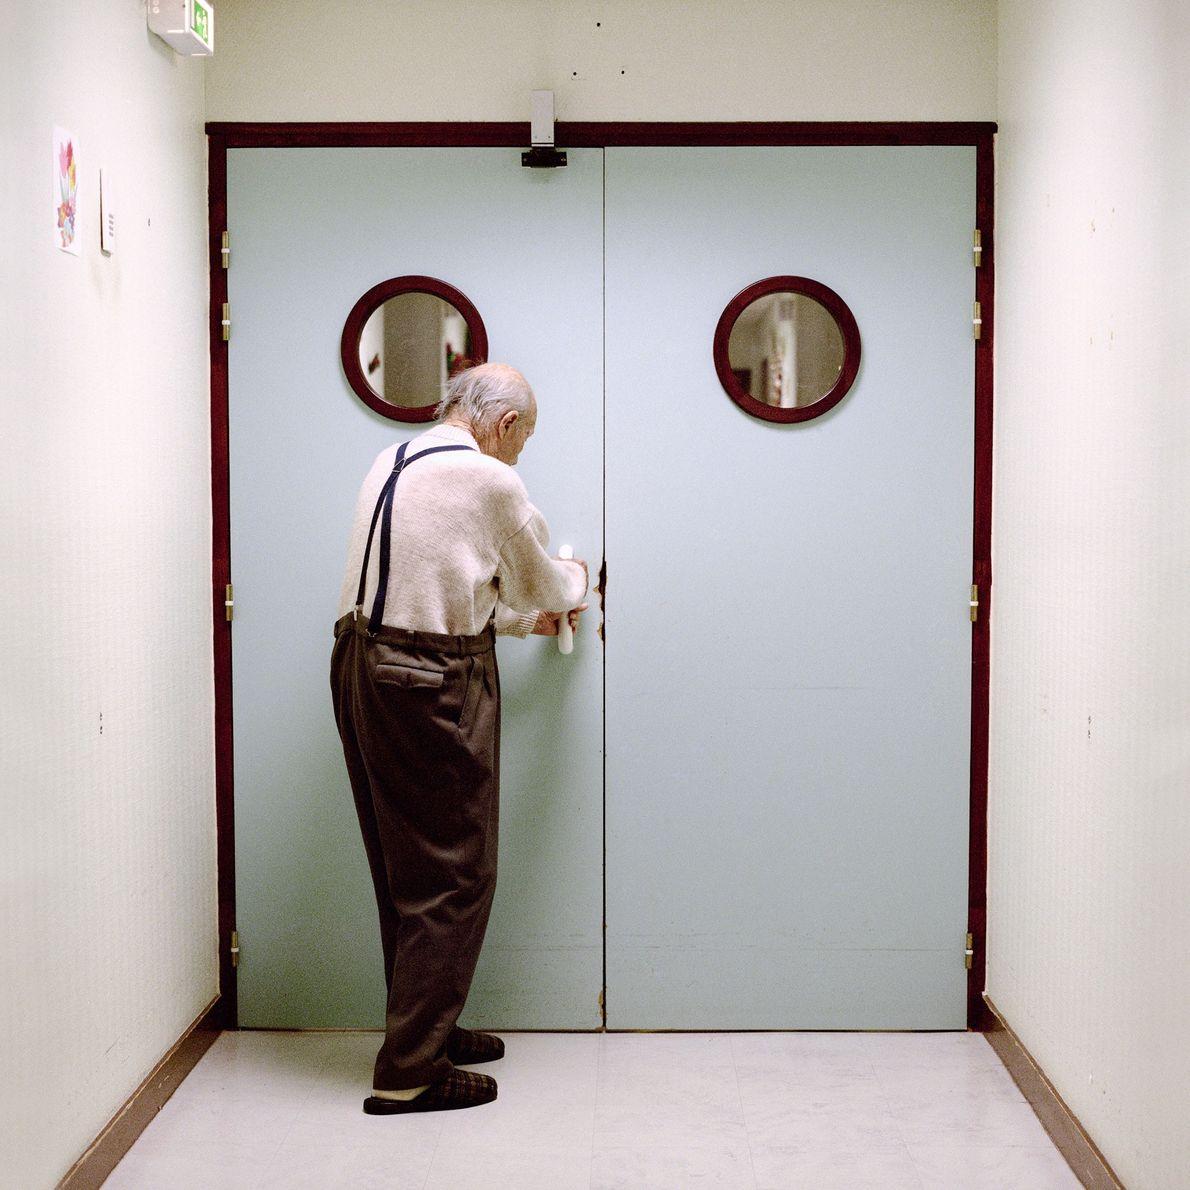 Un résident se tient devant la porte verrouillée menant à la sortie du département.